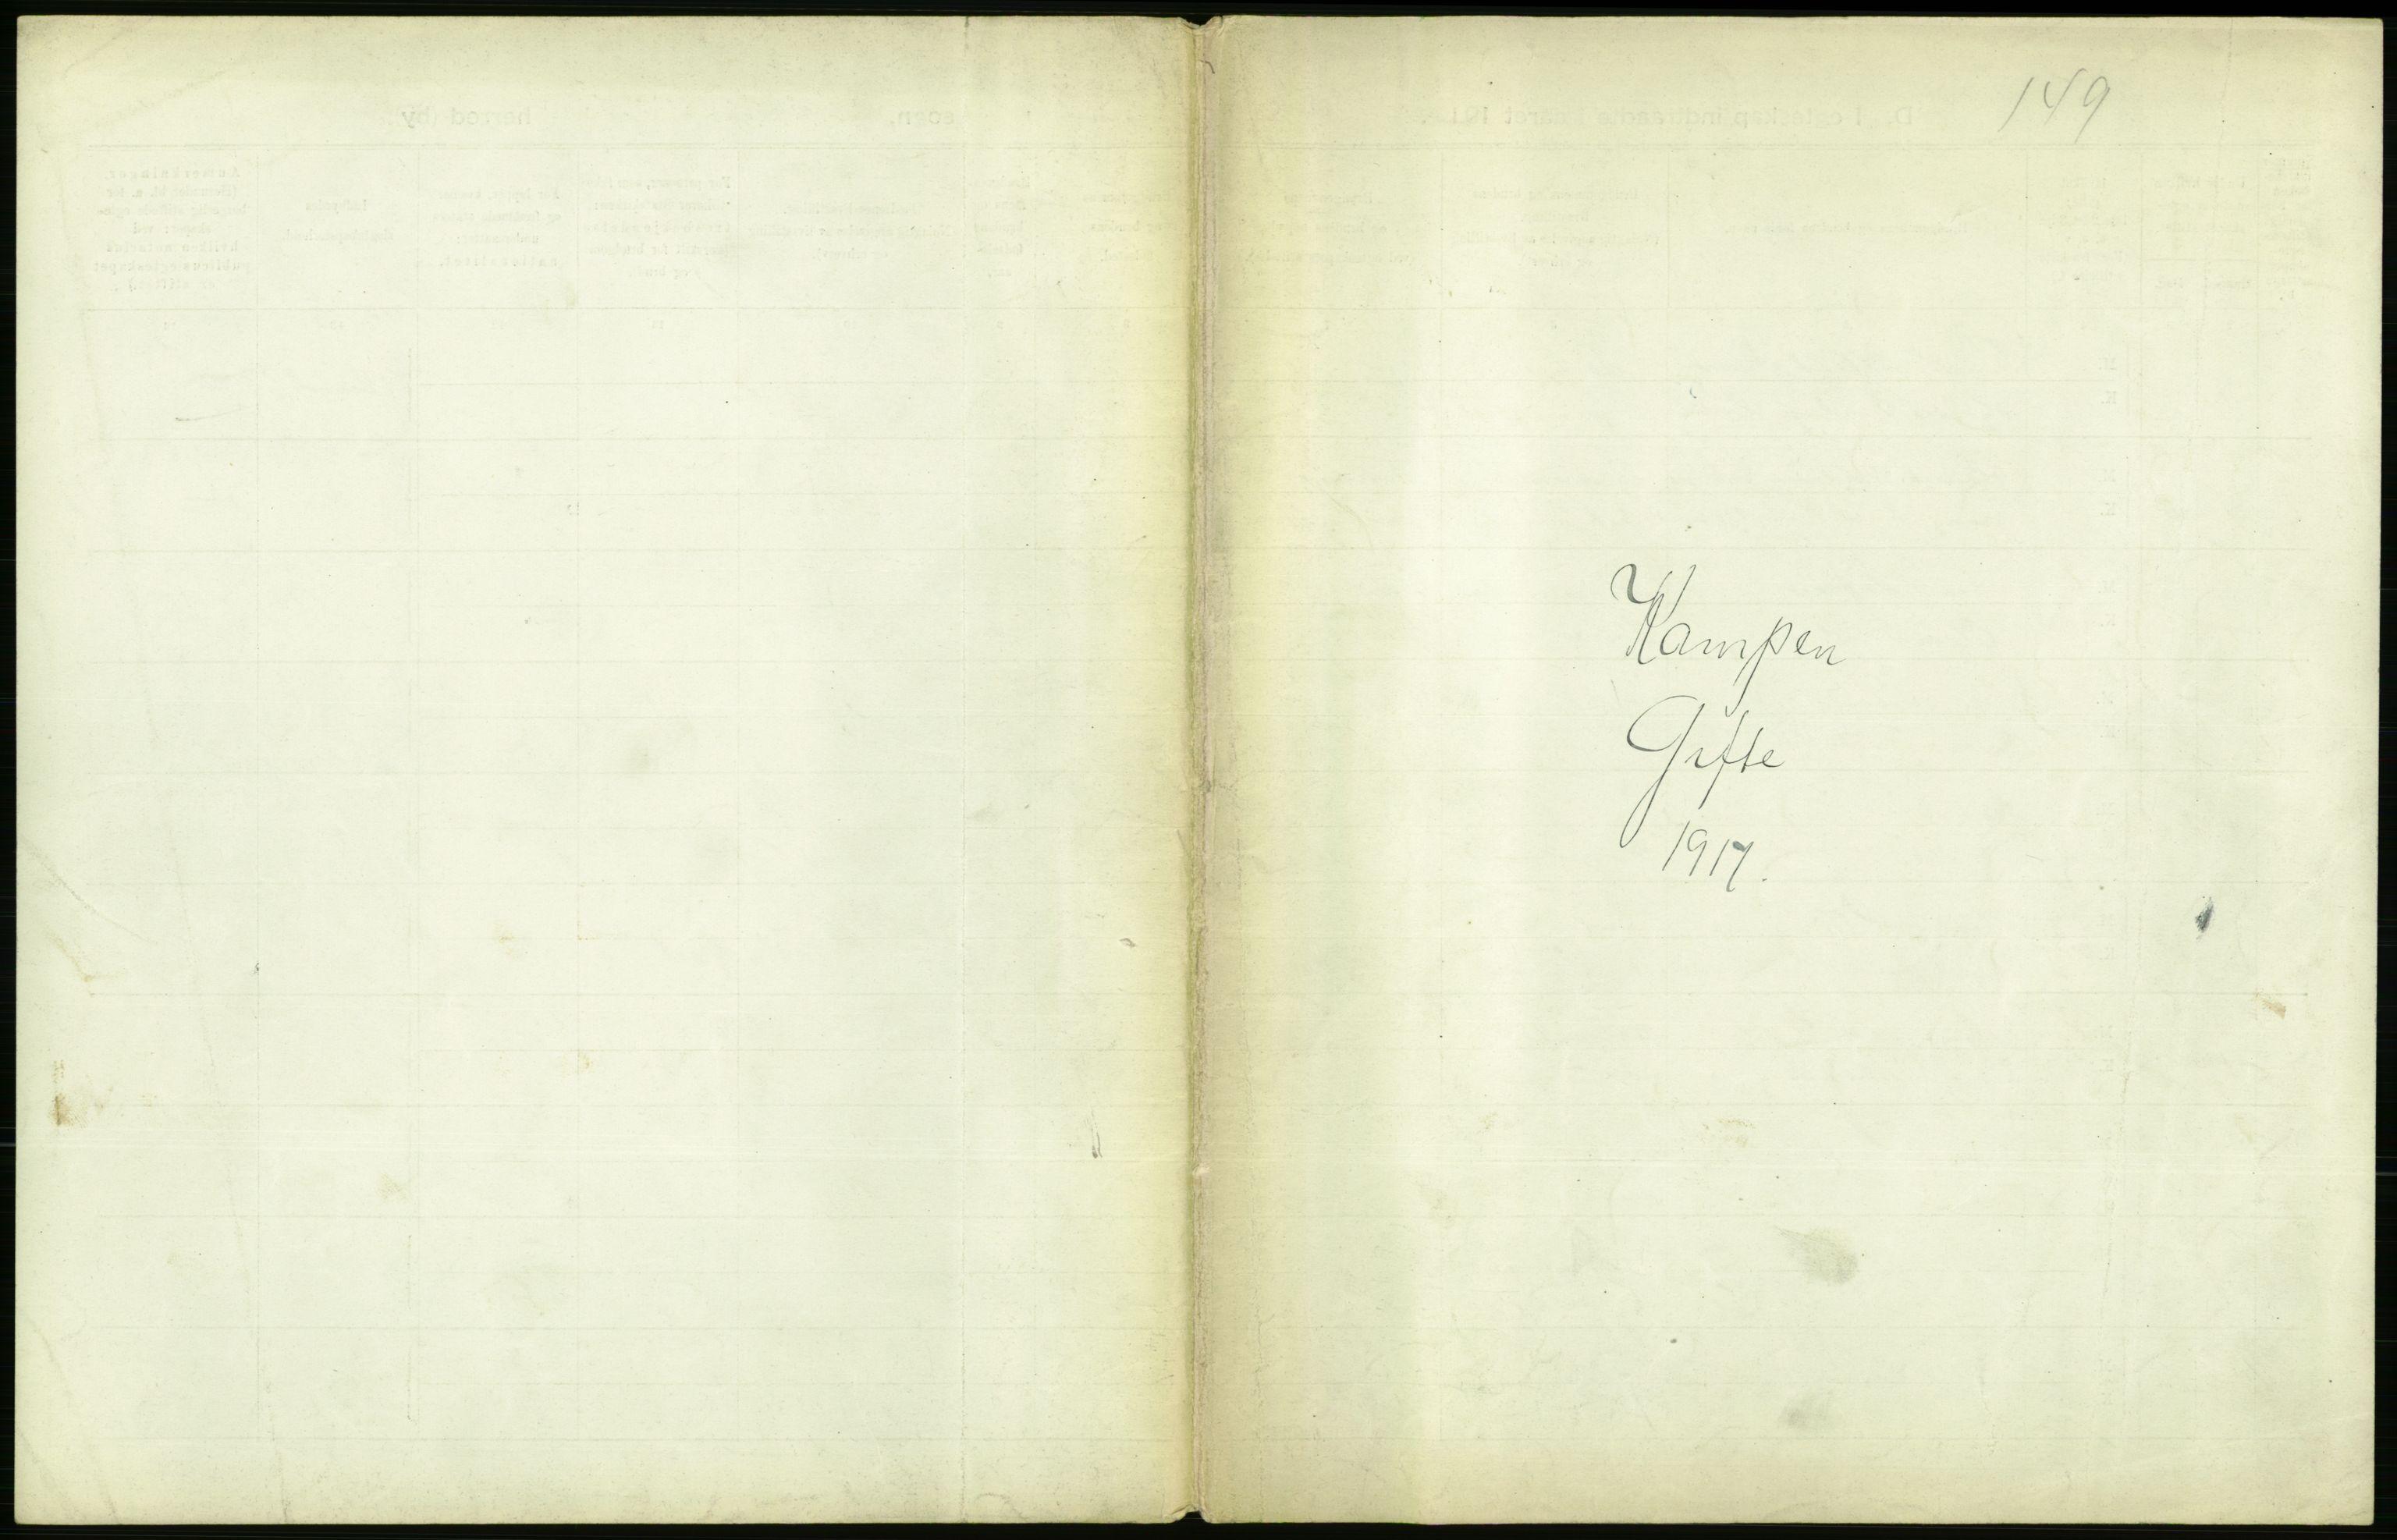 RA, Statistisk sentralbyrå, Sosiodemografiske emner, Befolkning, D/Df/Dfb/Dfbg/L0009: Kristiania: Gifte, 1917